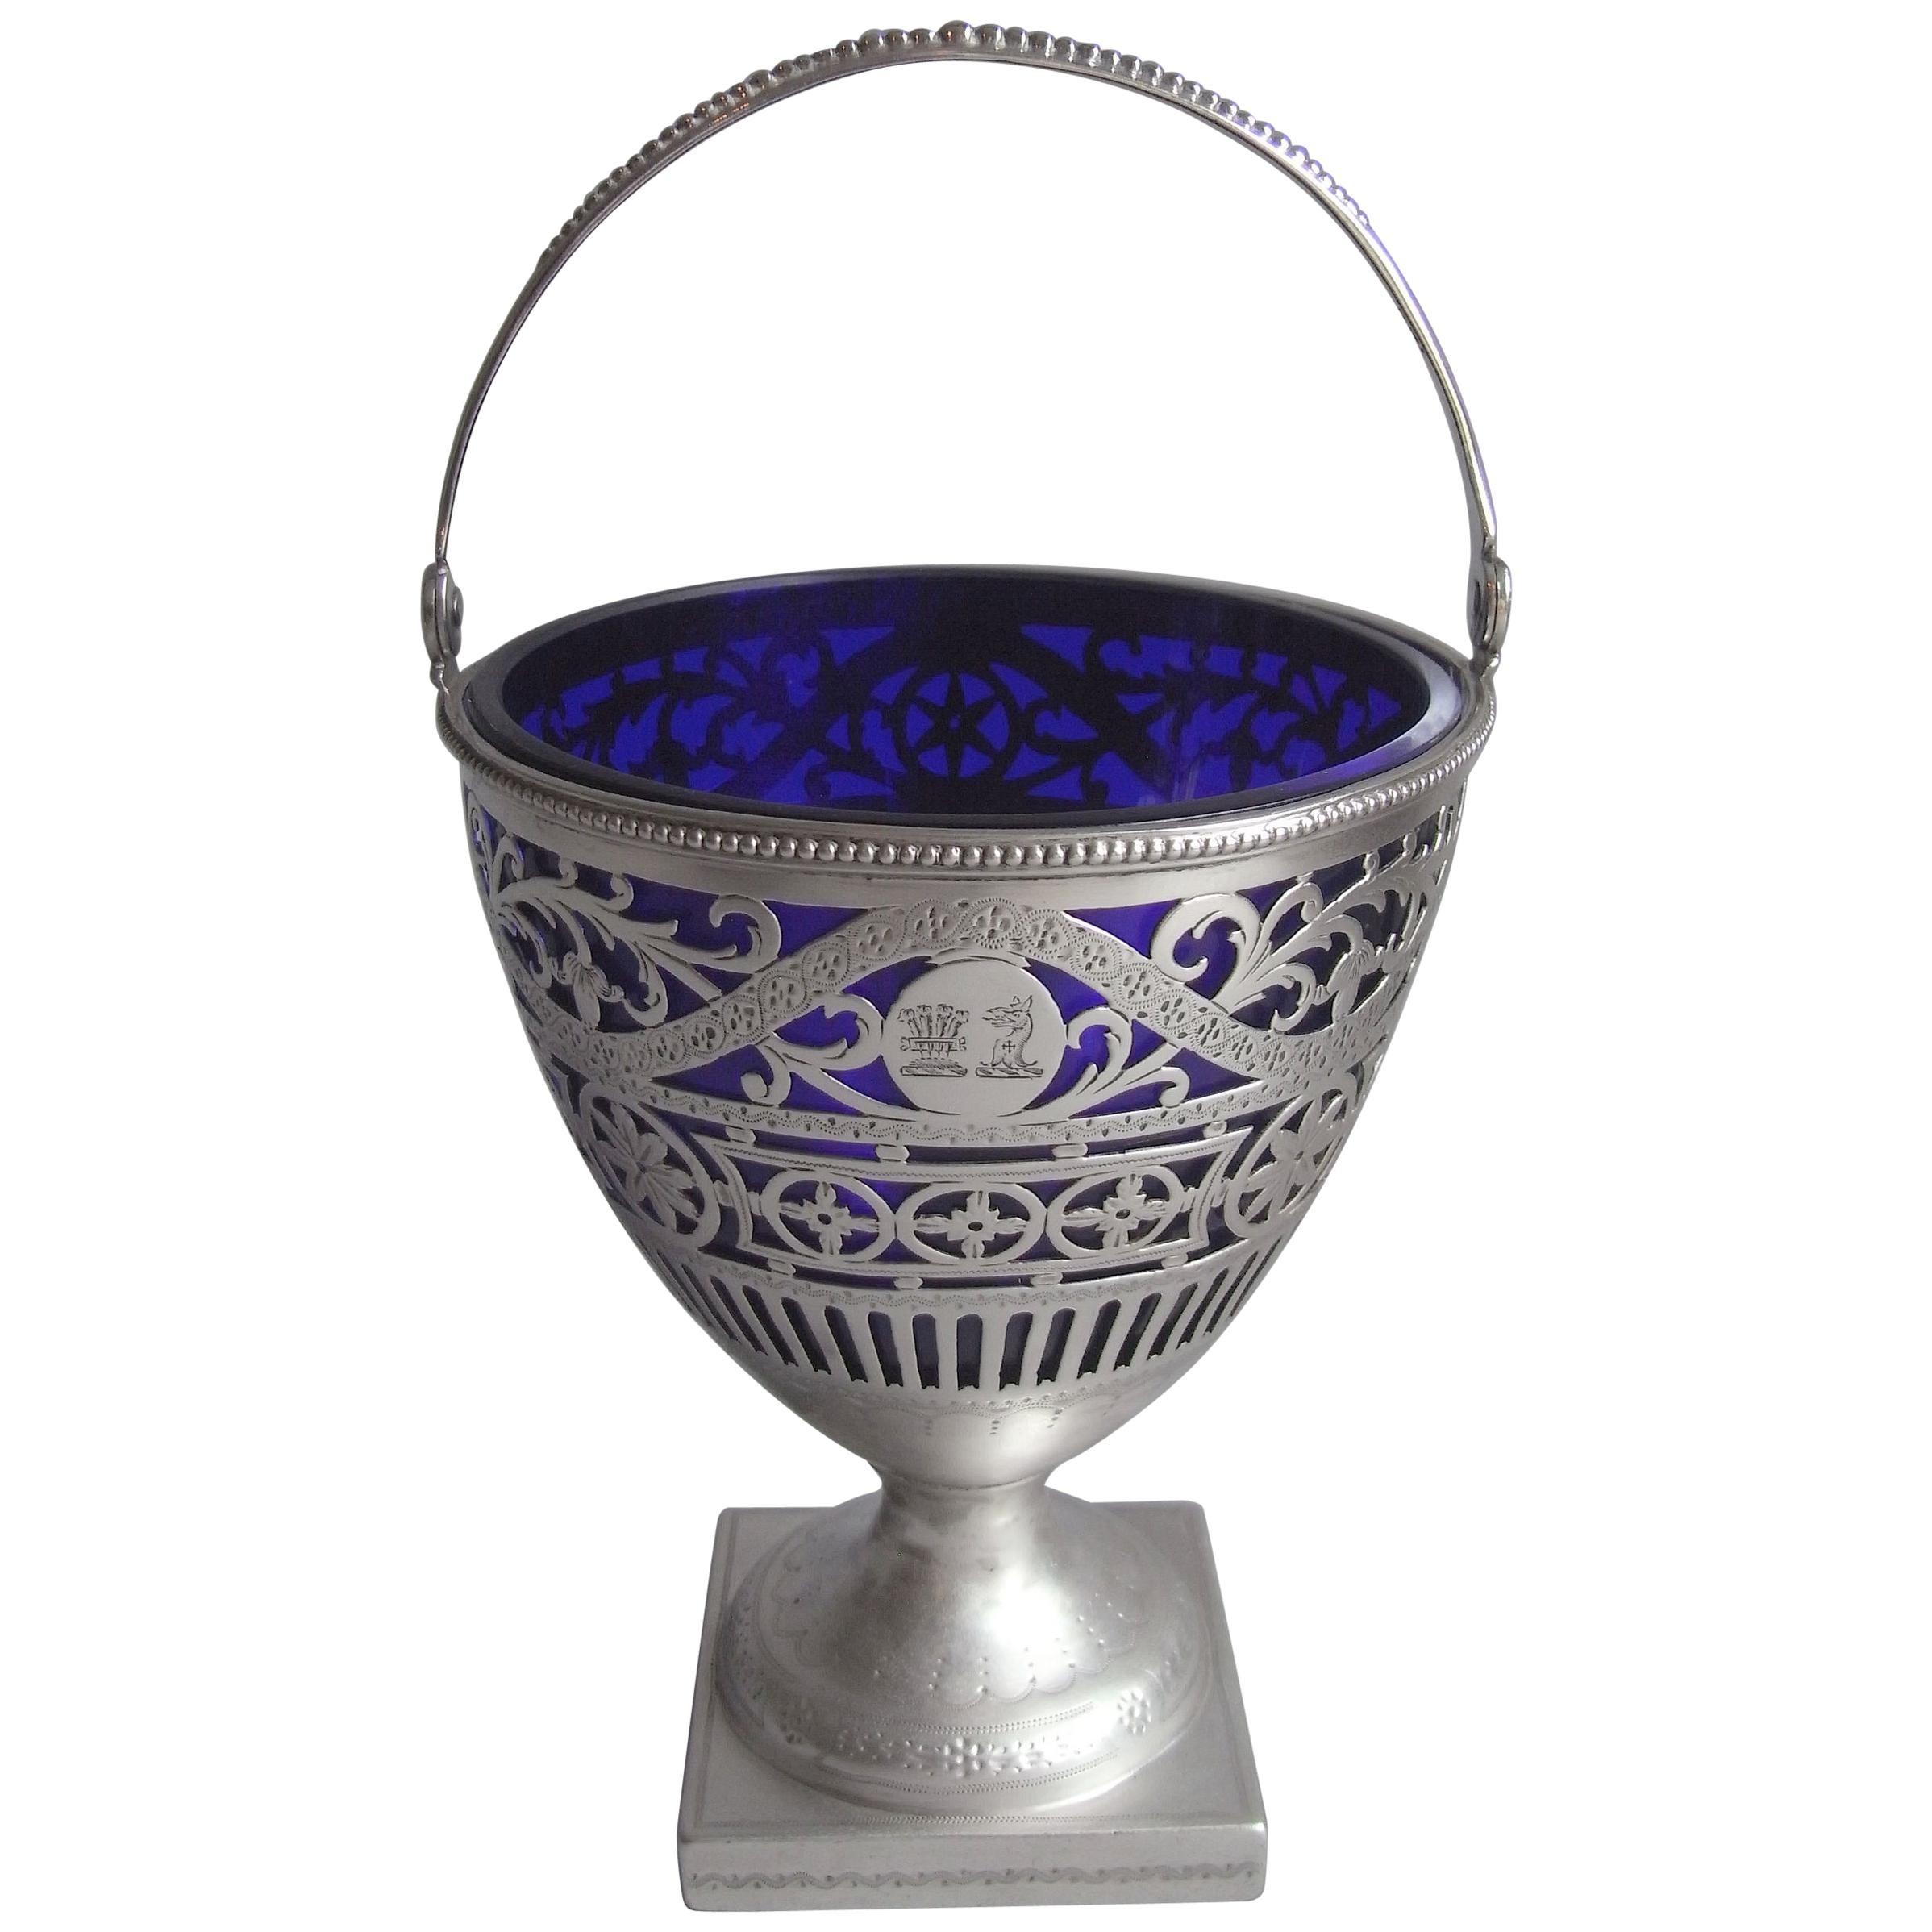 Very Fine George III Sugar Basket by Charles Chesterman in London in 1781.